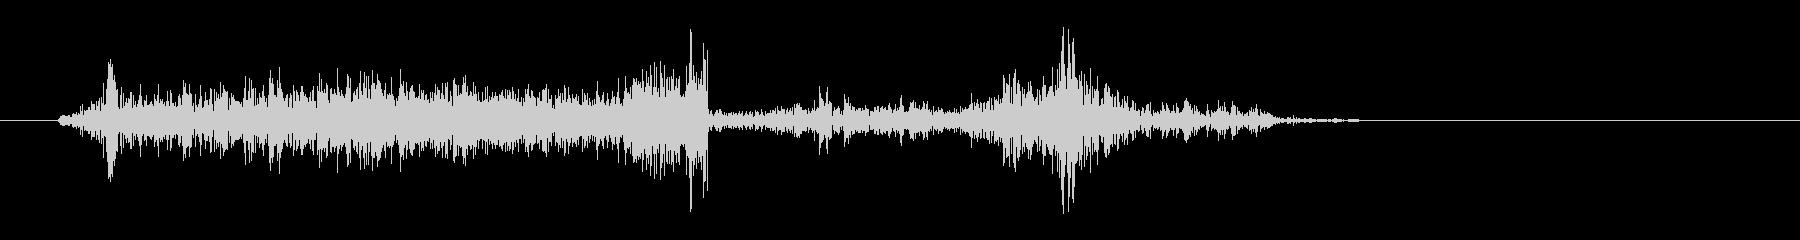 ビリリッ(紙が動く音)の未再生の波形